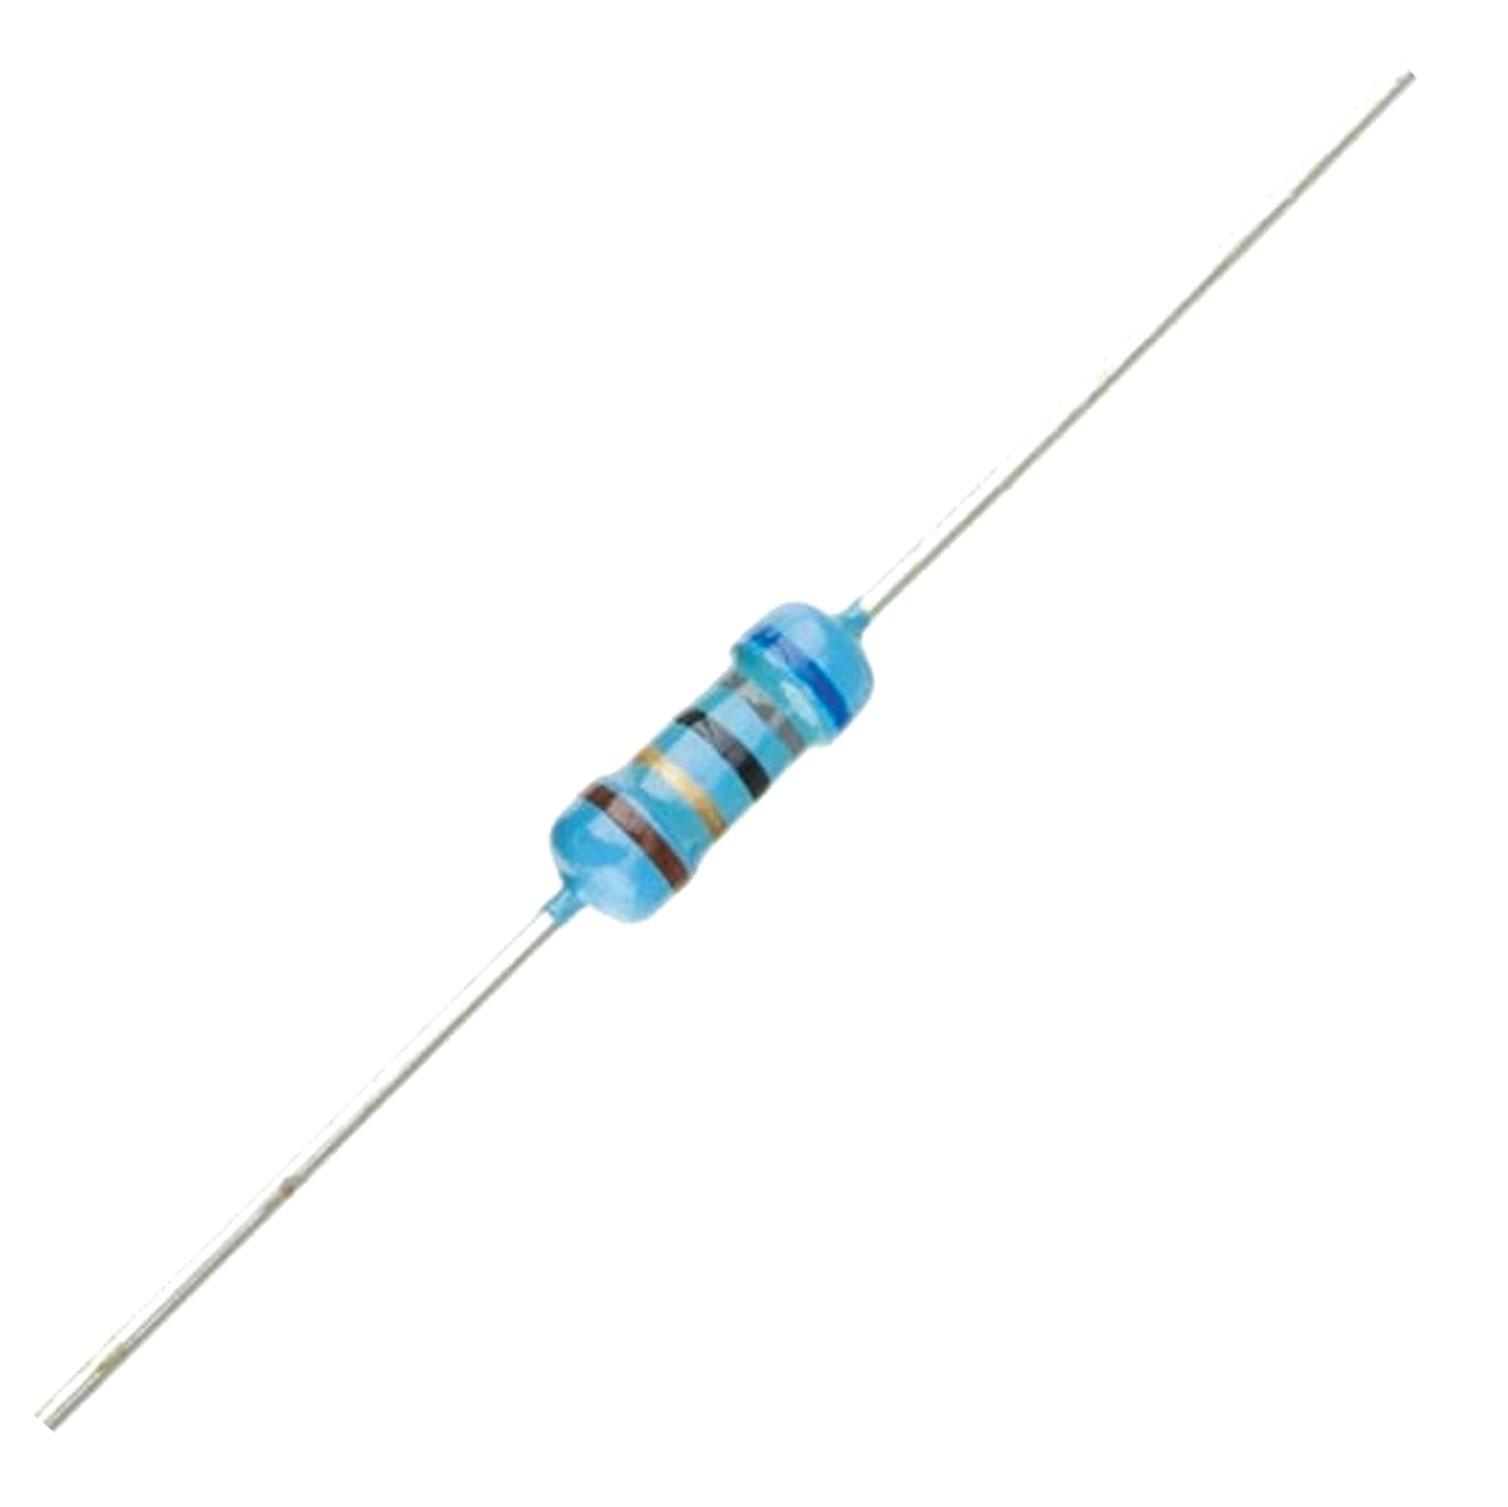 20 Resistor 68 Ohm 1/4 W